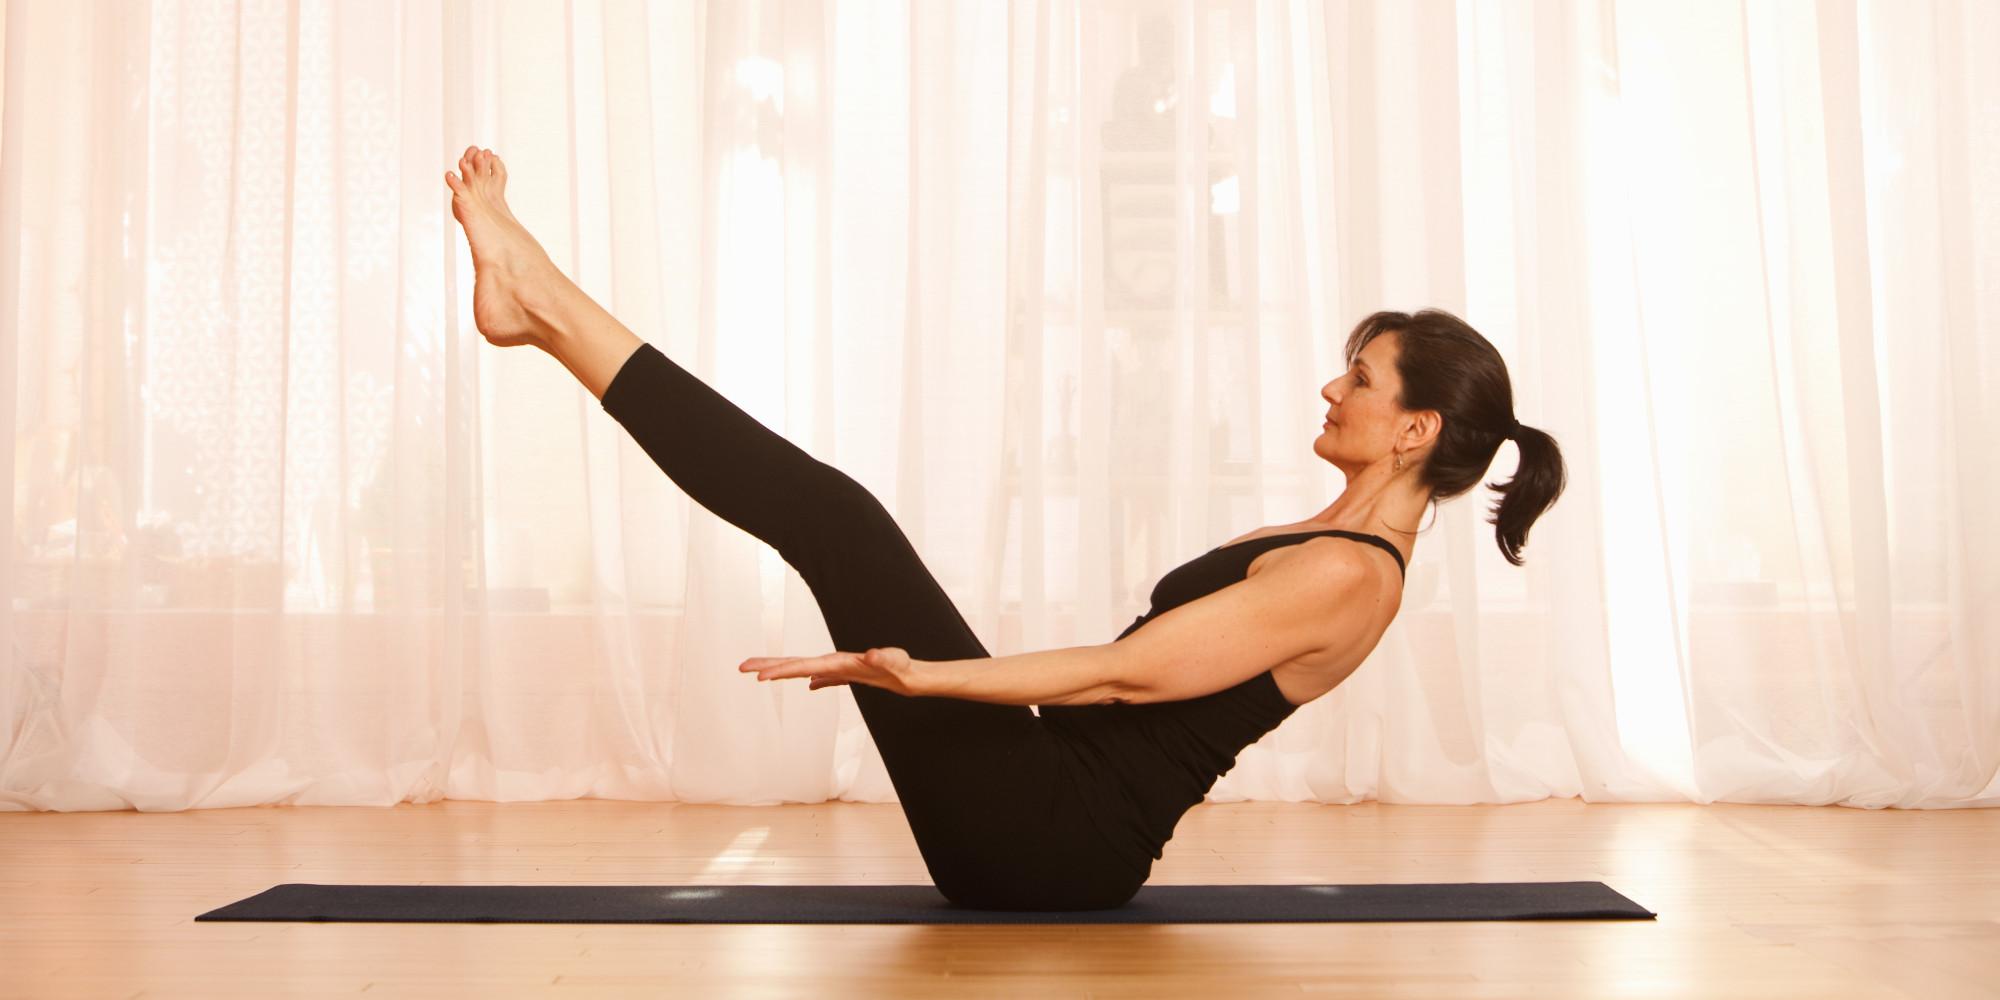 Sai lầm khi tập yoga khiến công sức đổ sông đổ bể hết